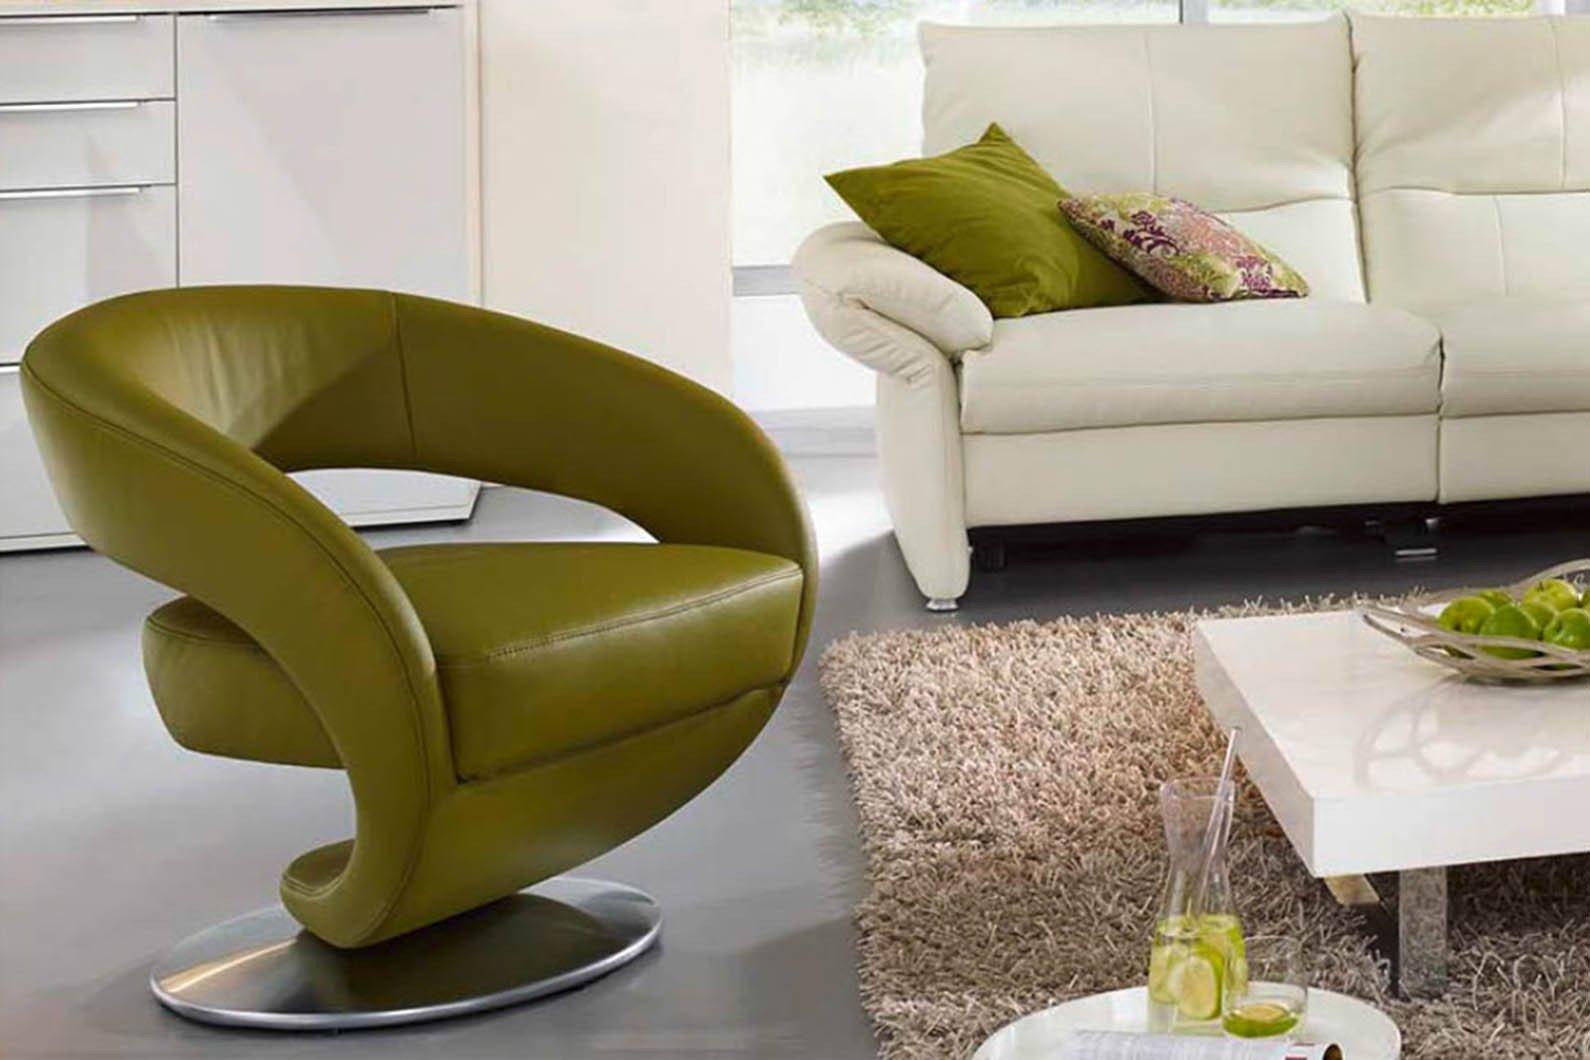 K+W Polstermöbel Kenzo Sessel grün| Möbel Letz - Ihr Online-Shop